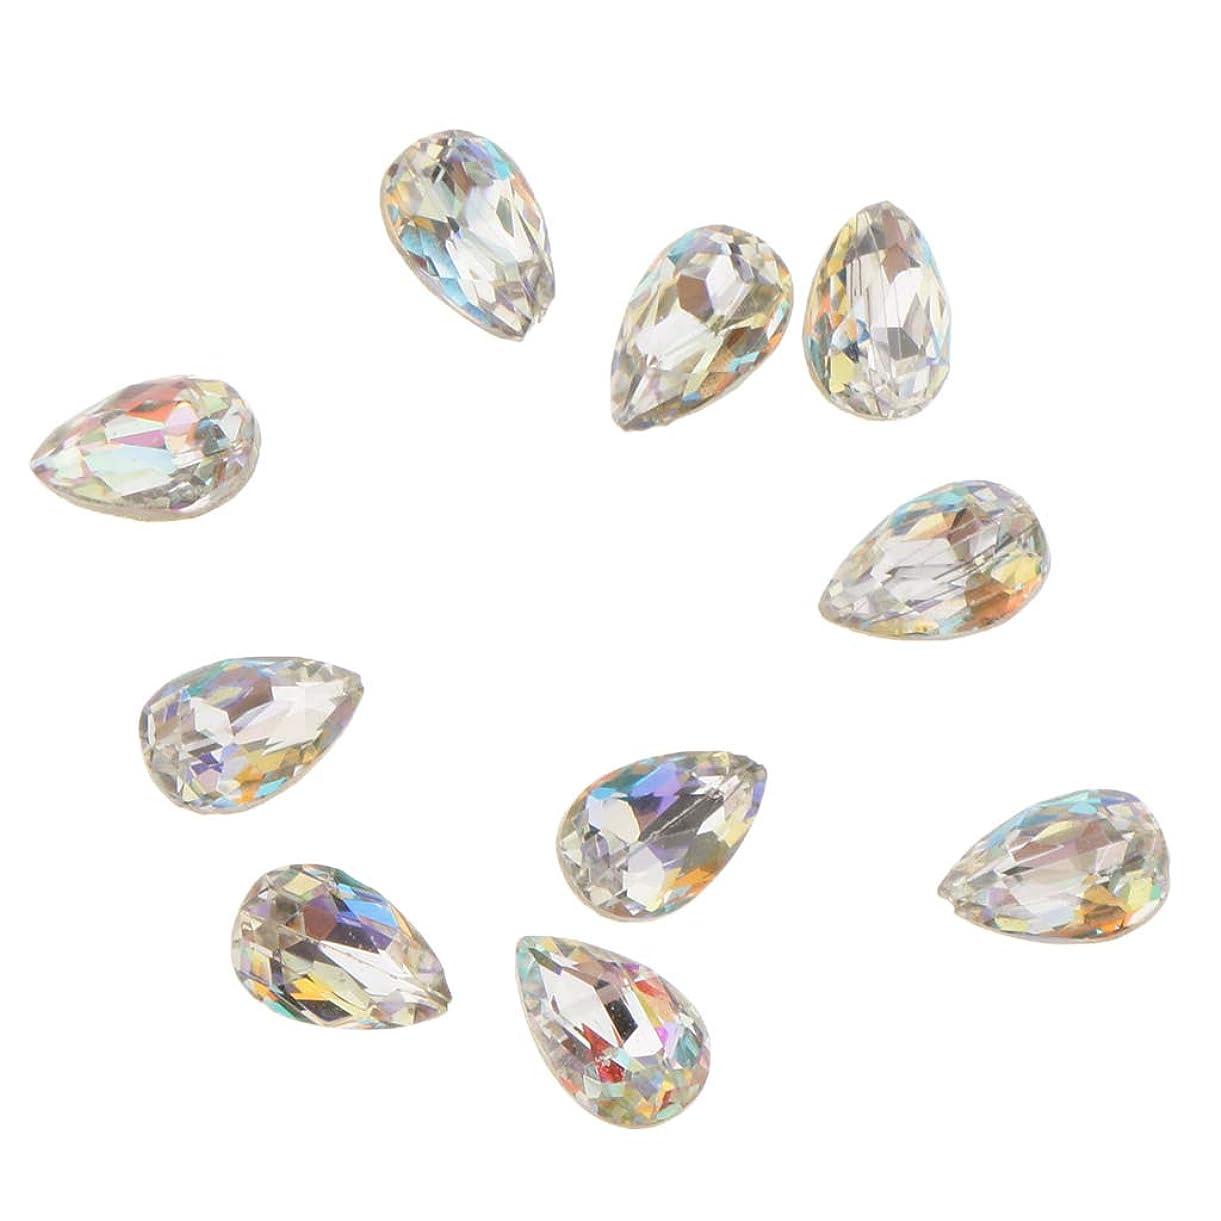 反動こどもセンターキャベツFenteer 10個 ネイルアート 3D ネイルチャーム ガラス キラキラ おしゃれ ダイヤモンドチップ 装飾 美しい爪 魅力 5タイプ選べ - A